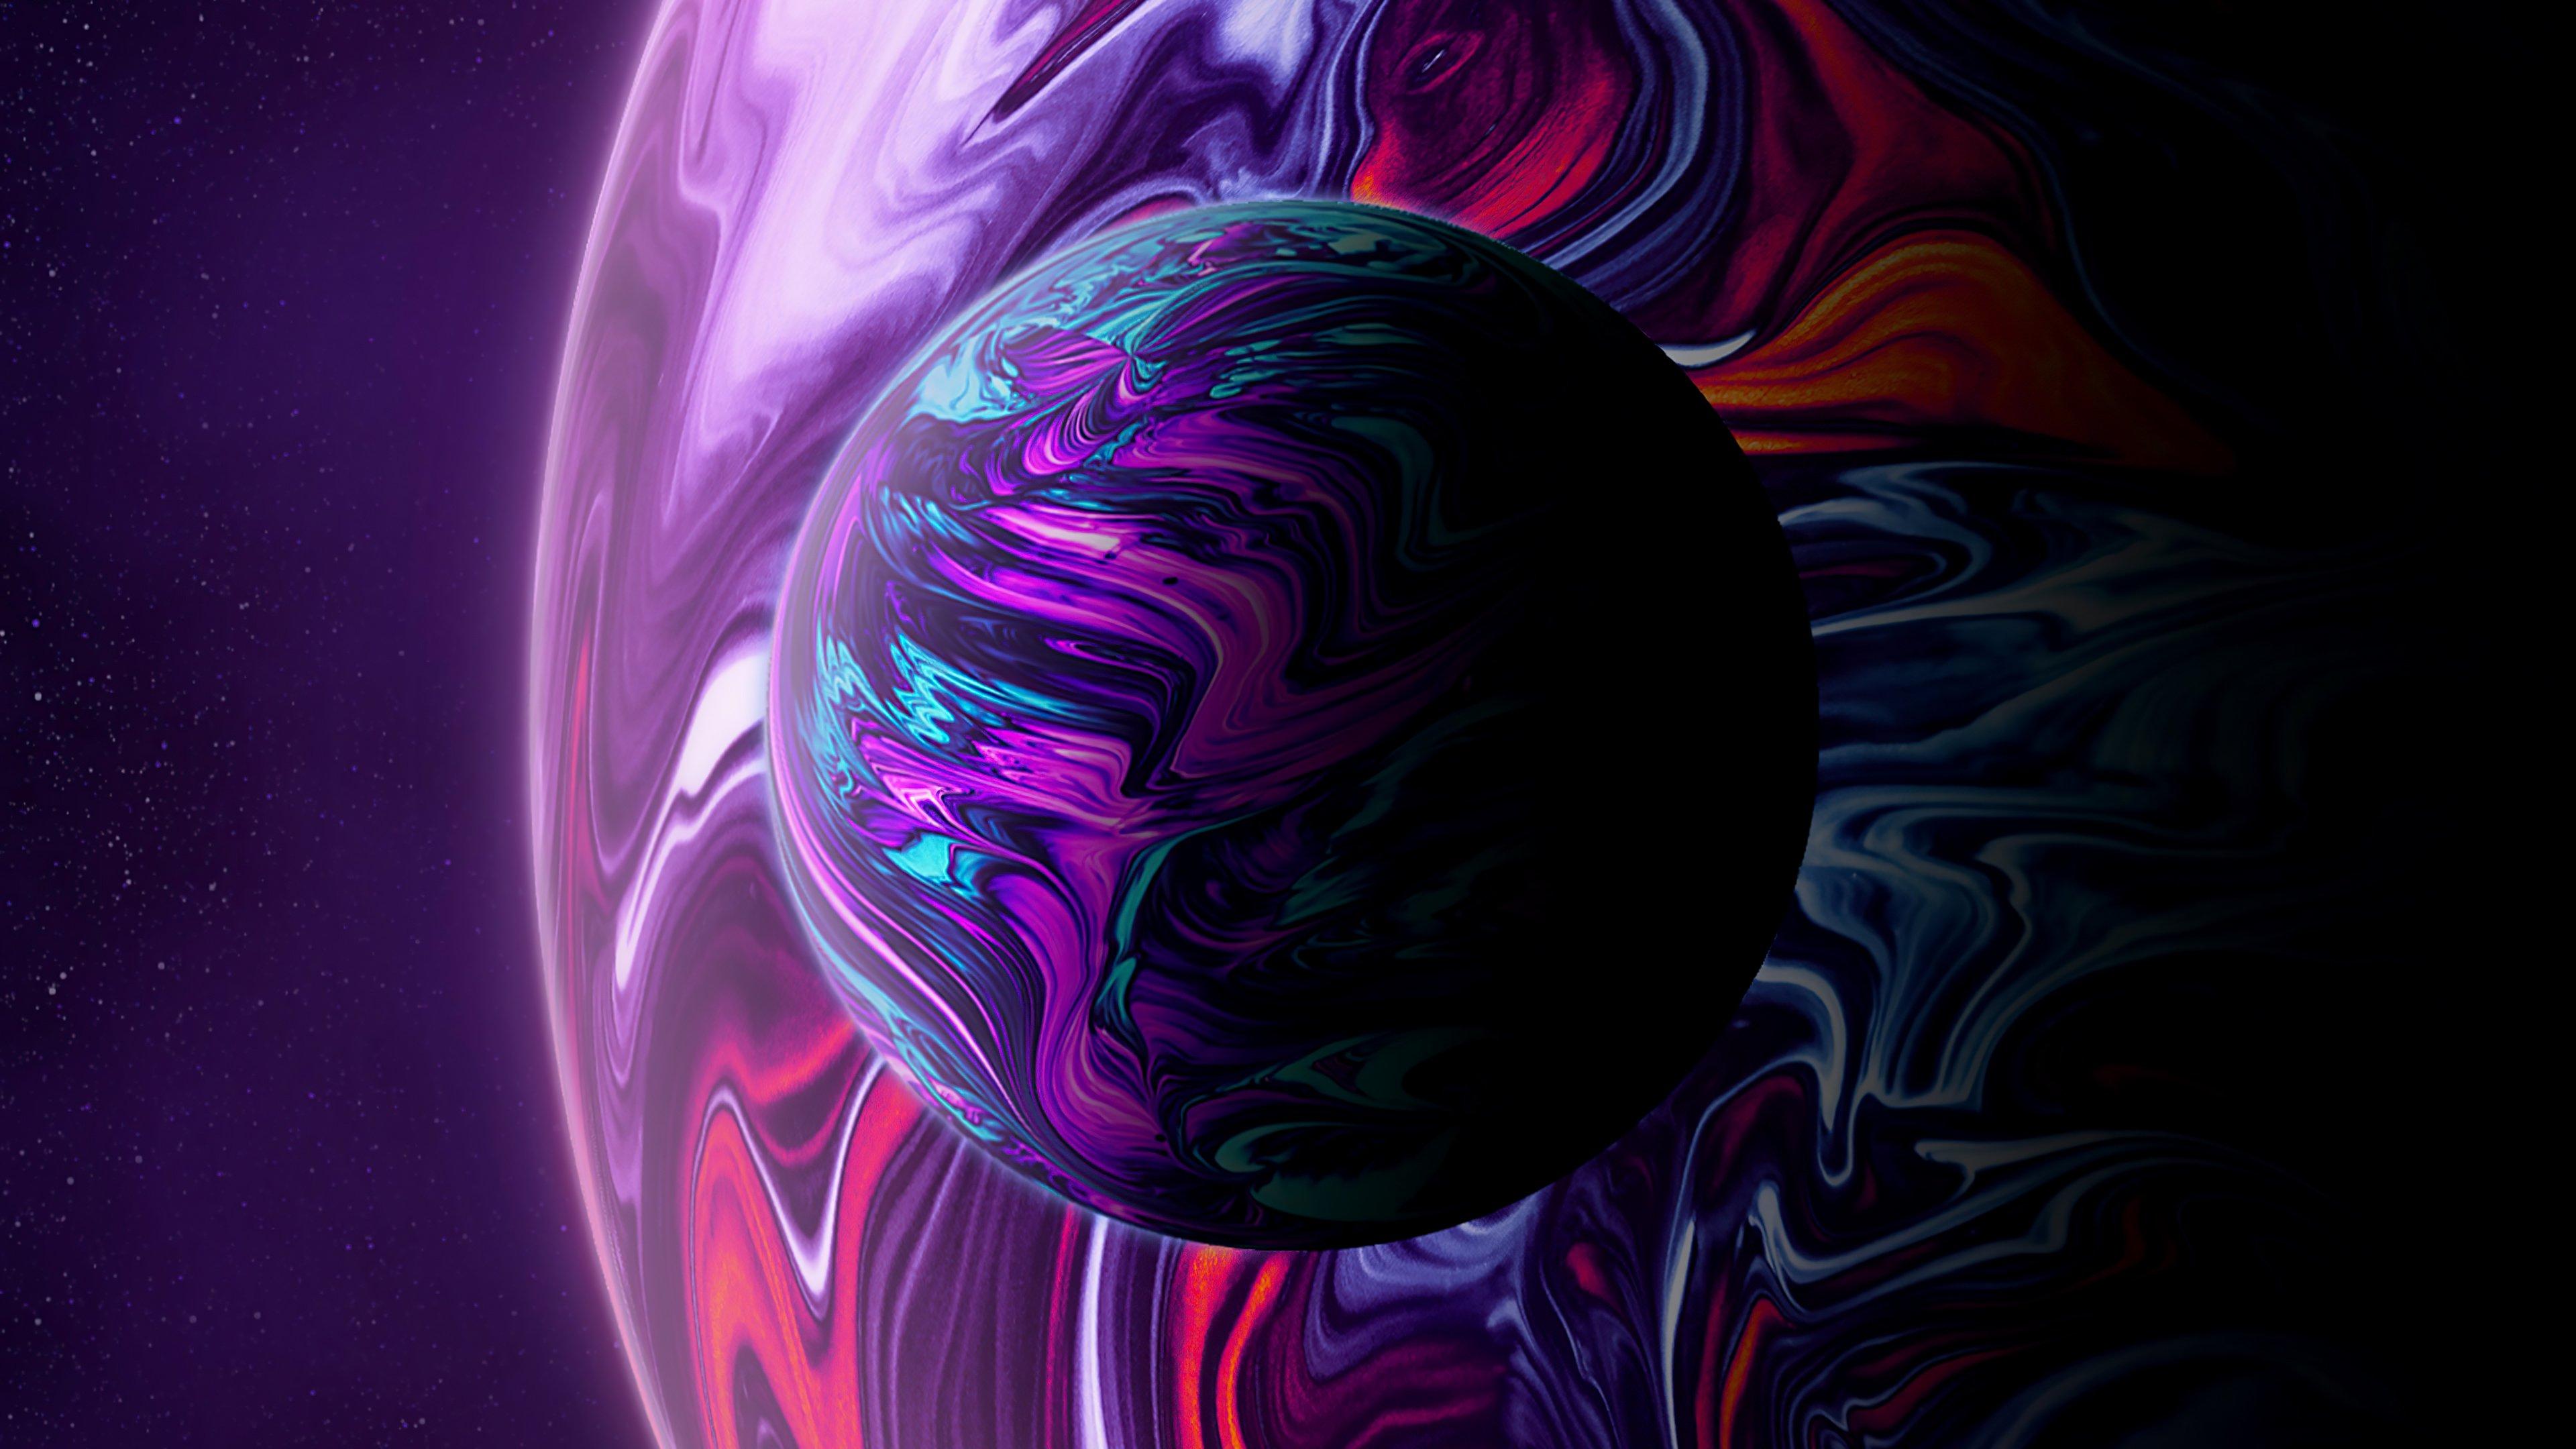 Fondos de pantalla Dos planetas